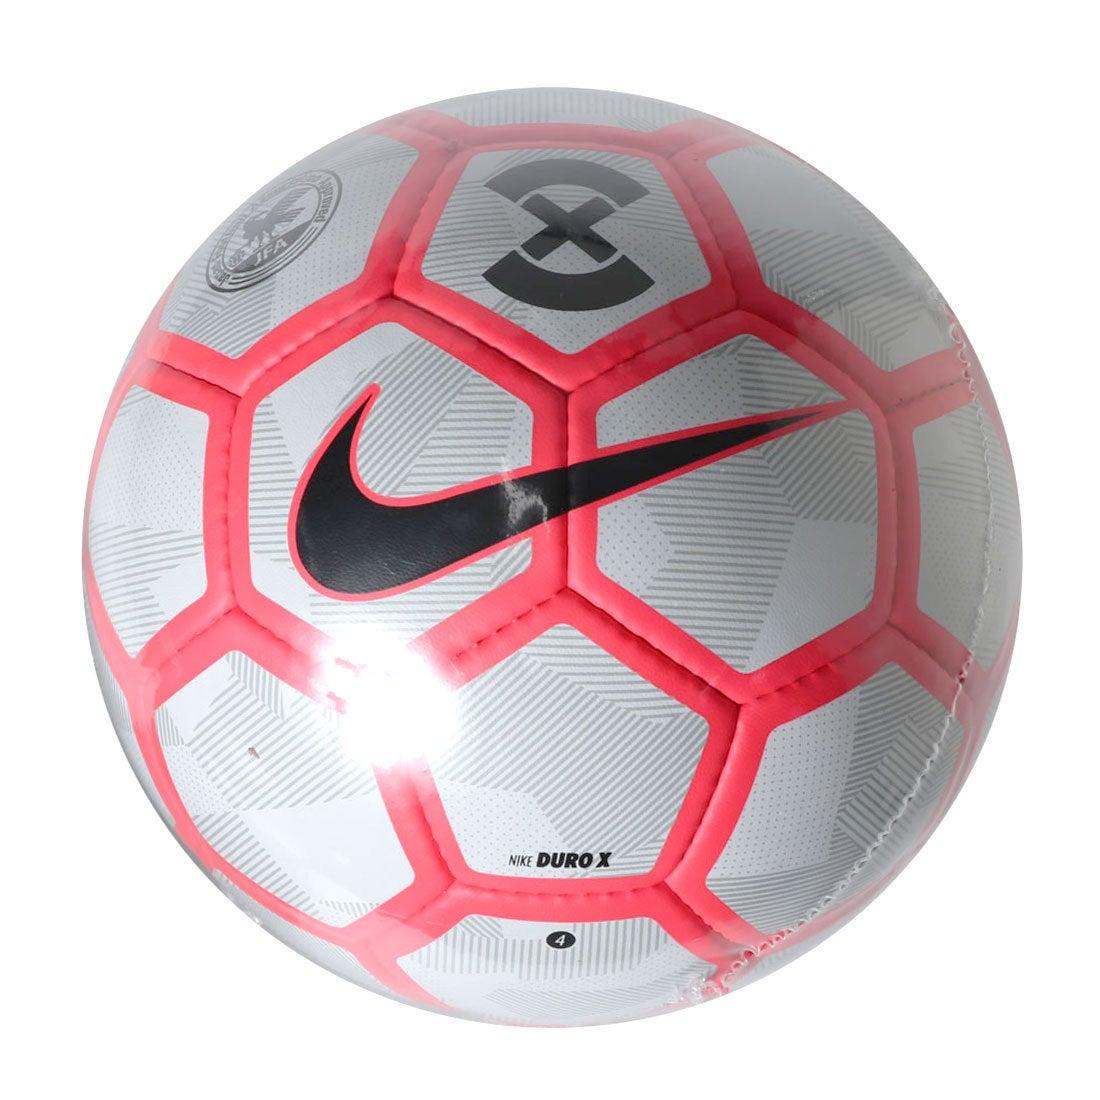 ロコンド 靴とファッションの通販サイトナイキ NIKE サッカー 練習球 デュロ X SC3161043